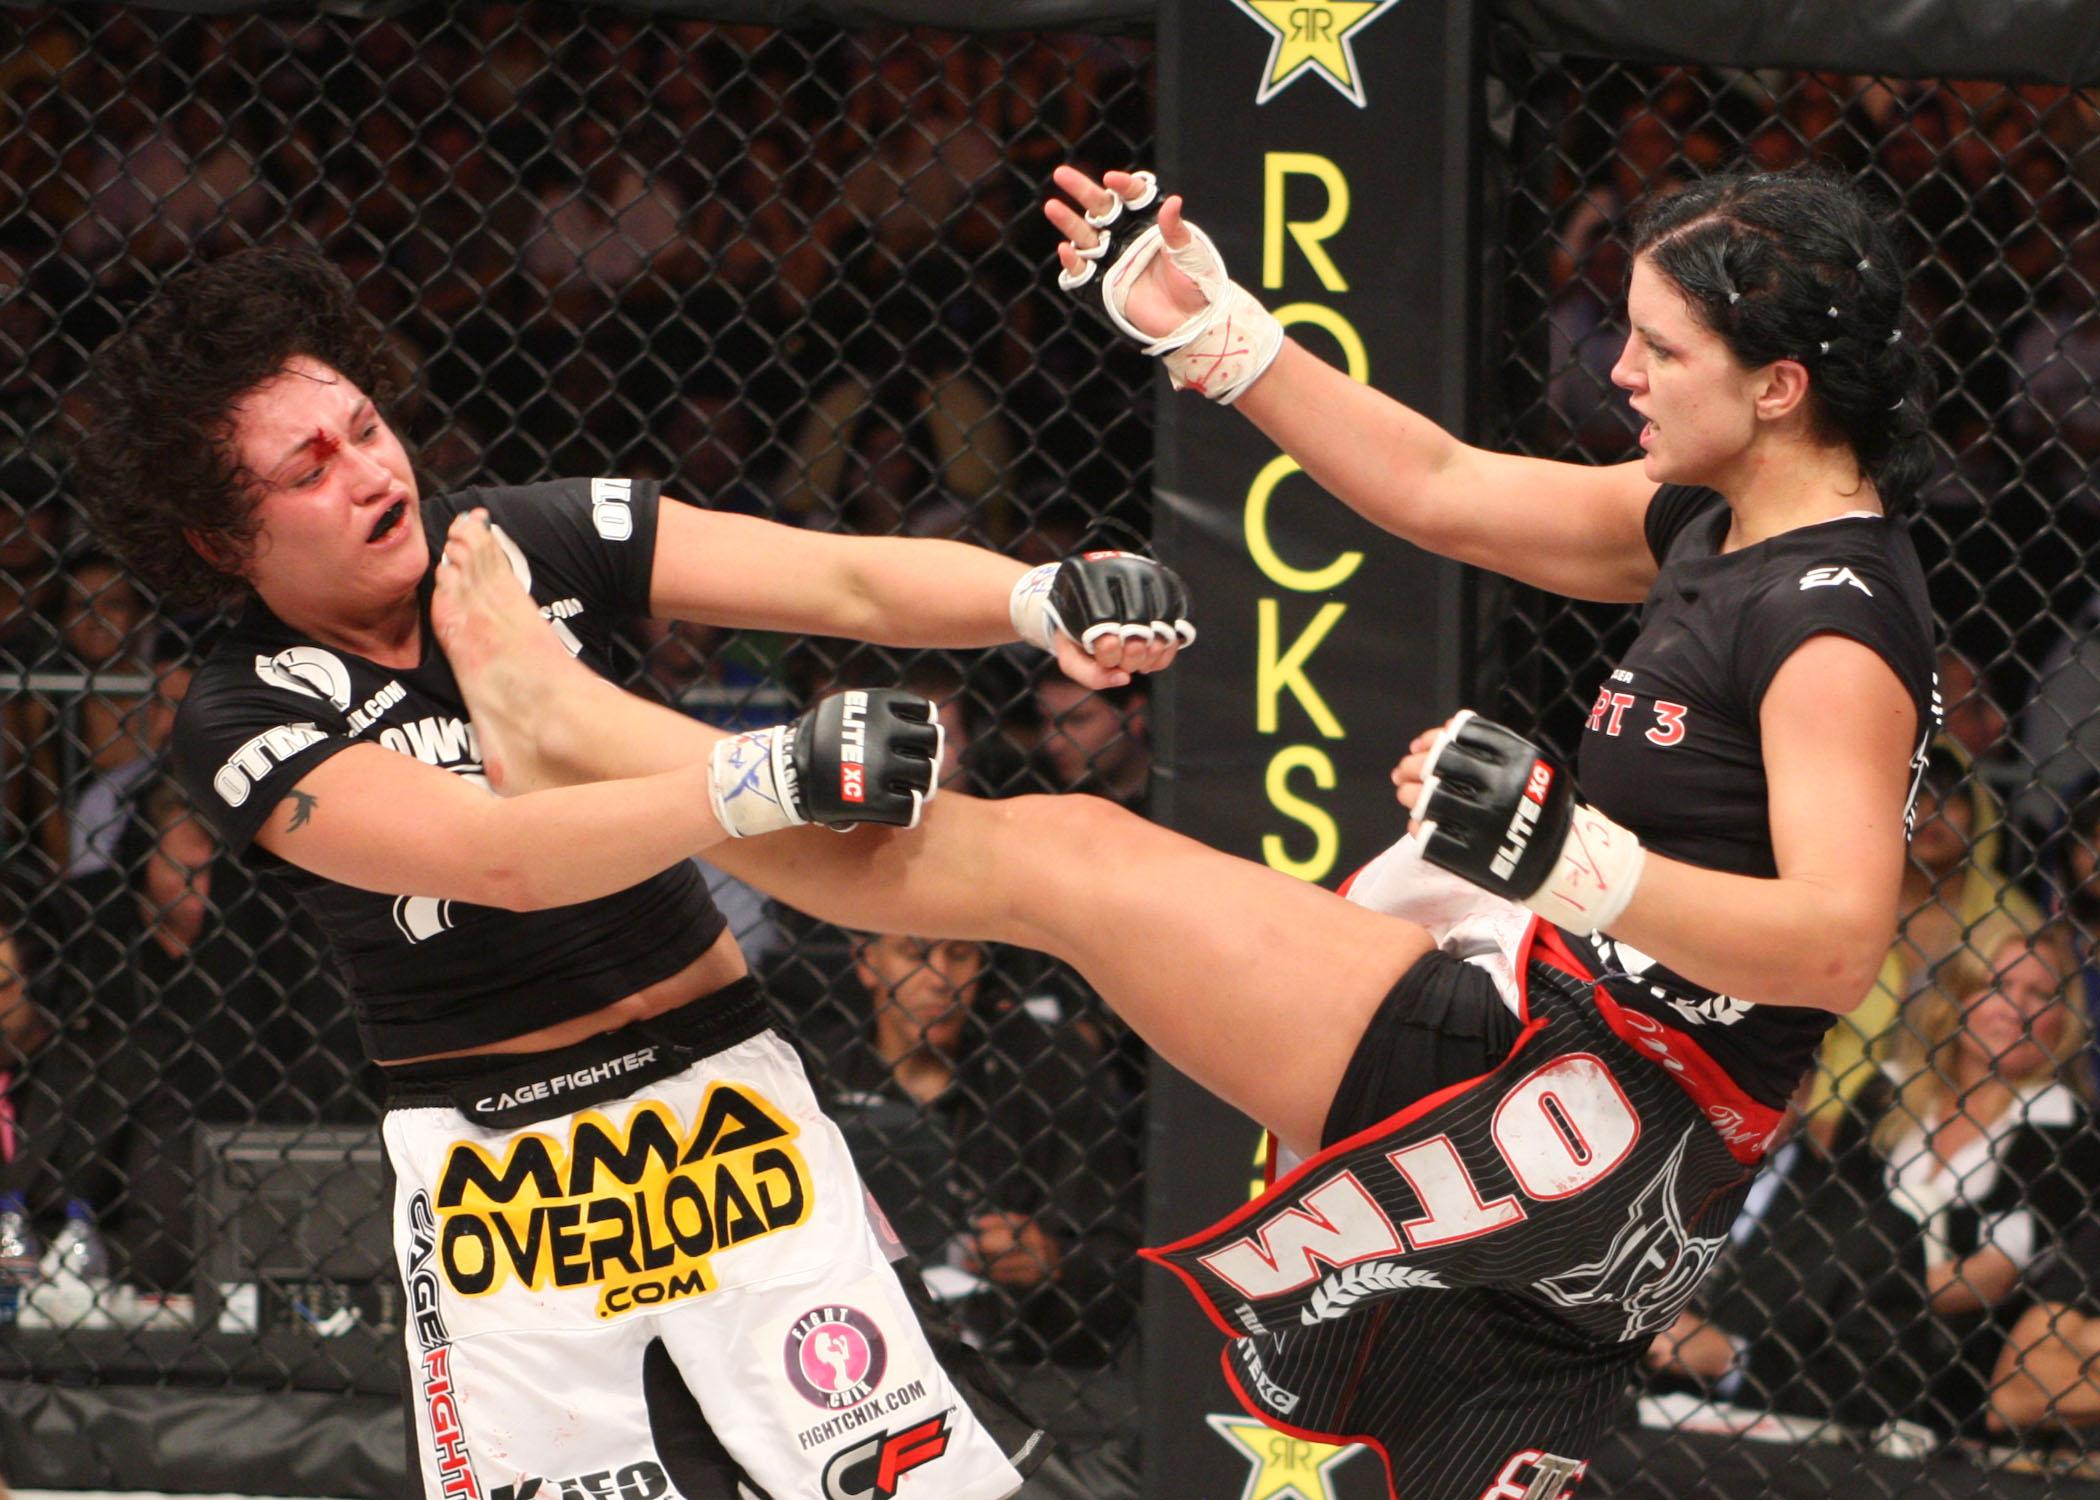 Gina Carano mixed martial arts Gina Carano mixed martial arts new images